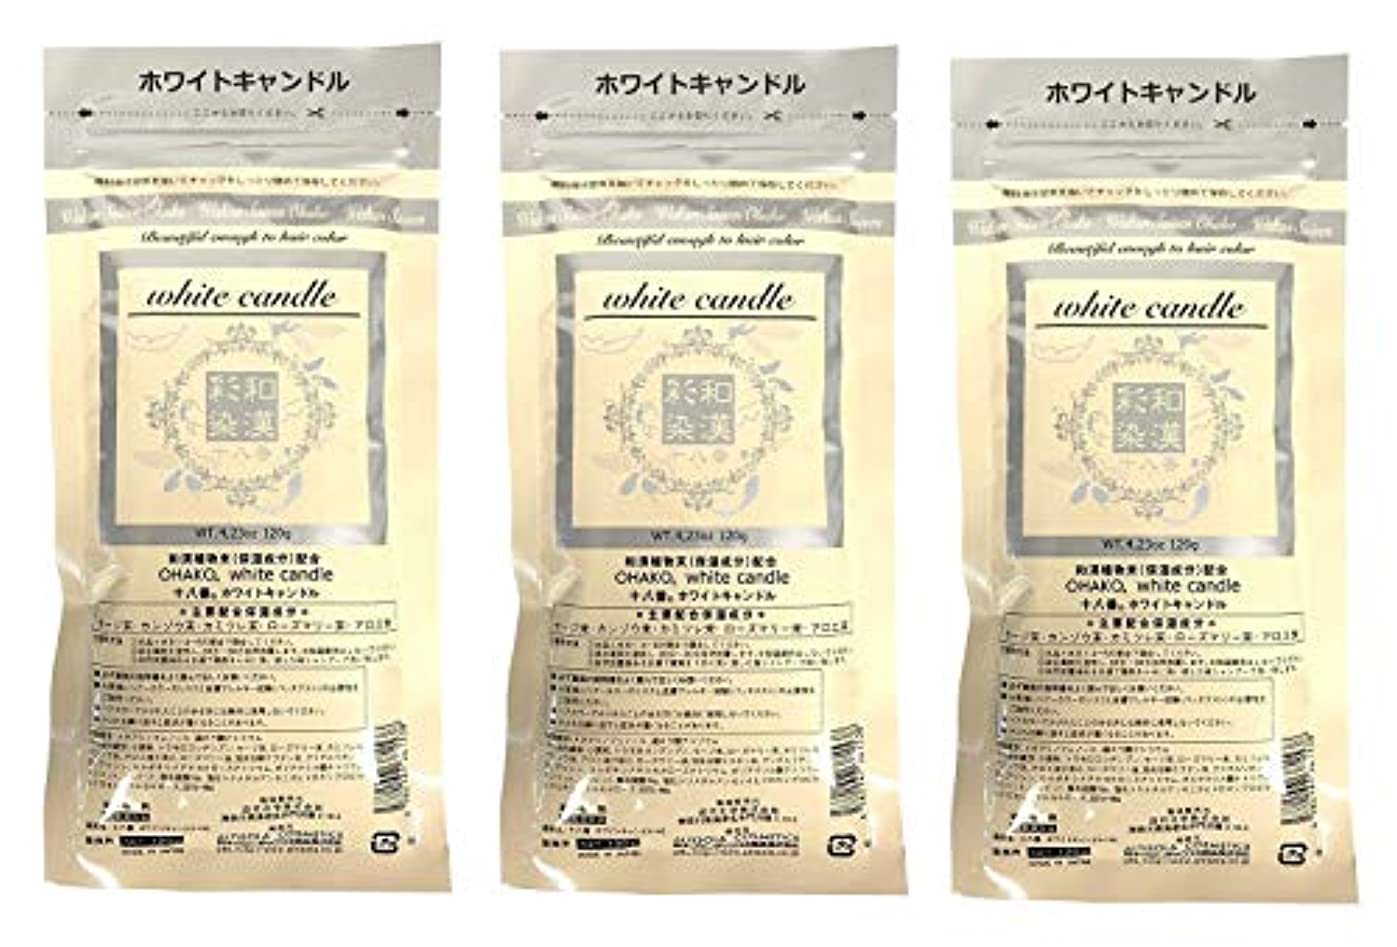 モス工夫する食器棚【3個セット】グランデックス 和漢彩染 十八番 120g ホワイトキャンドル